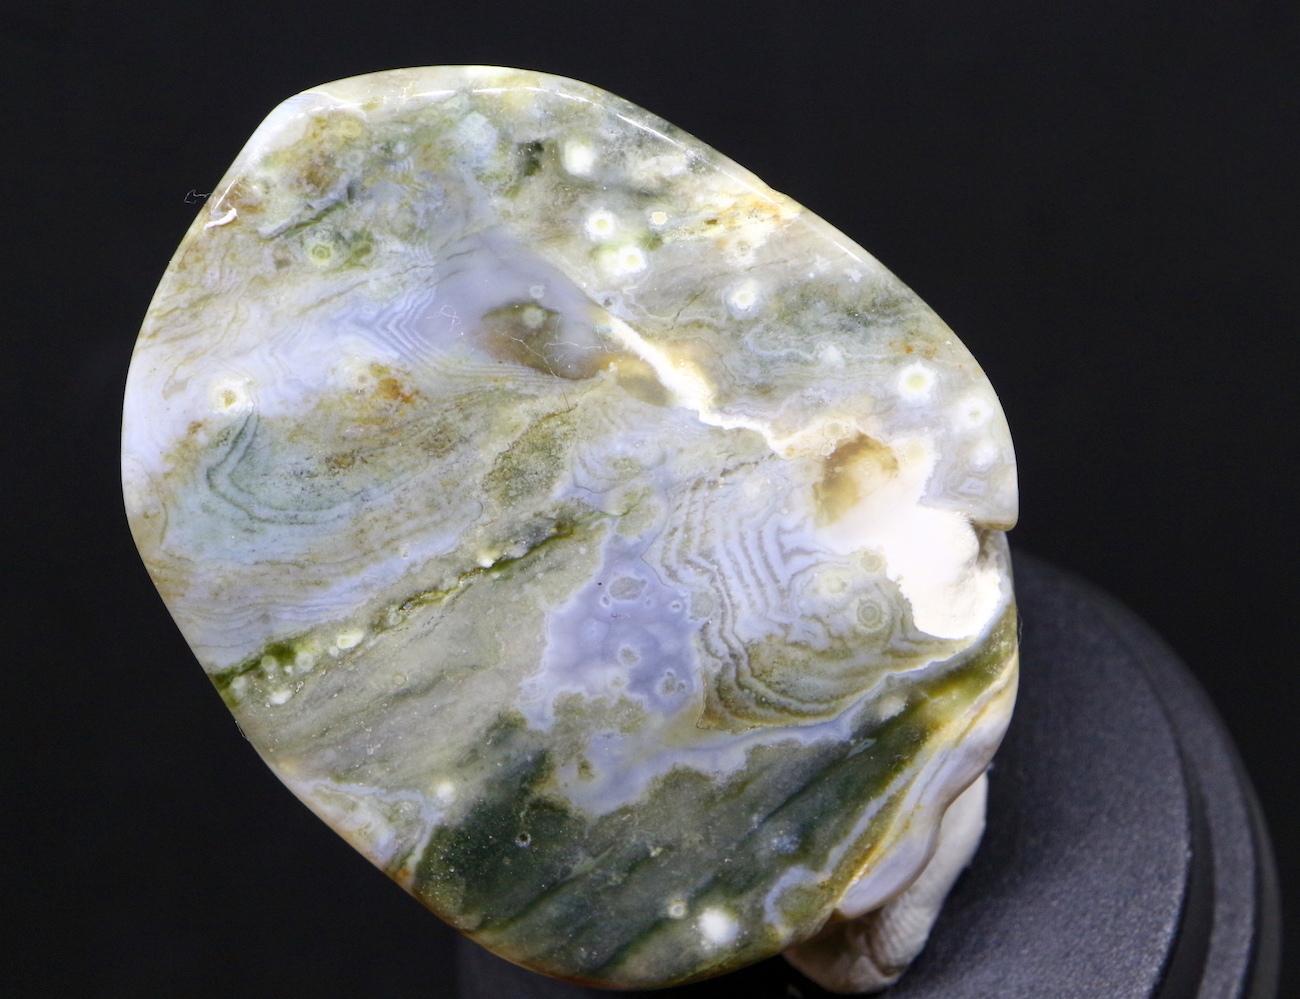 オーシャンジャスパー マダガスカル産 研磨 31g OJ071 鉱物 天然石 原石 パワーストーン